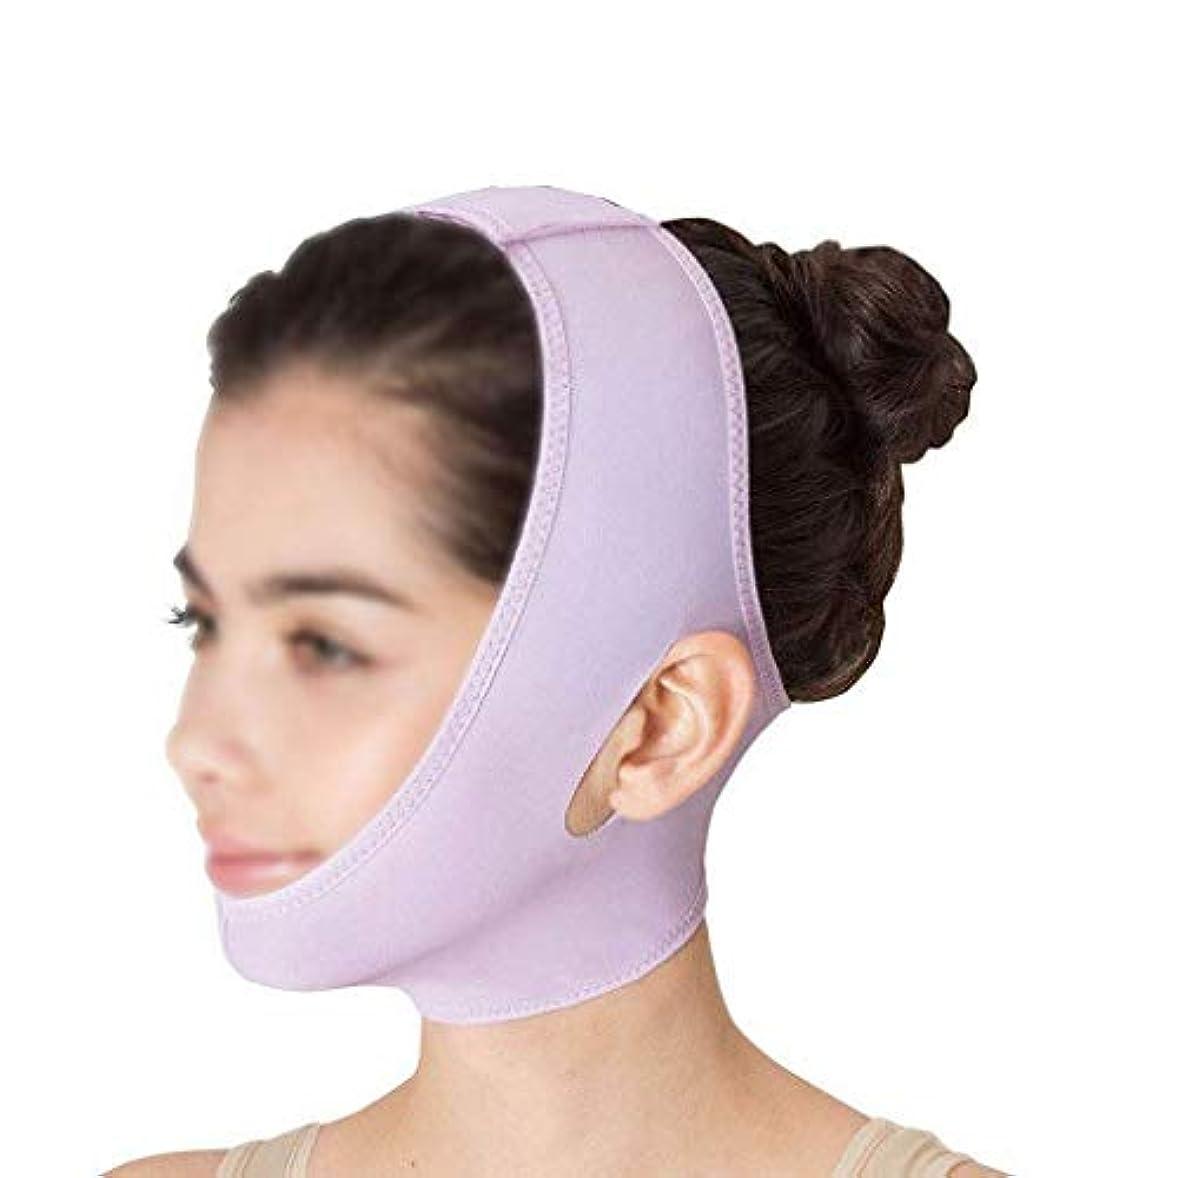 ガチョウ改修探す薄いフェイスマスク ビームフェイス、薄いダブルチンでスリーピングマスクの下の頬を防ぎ、小さなVフェイスを作成